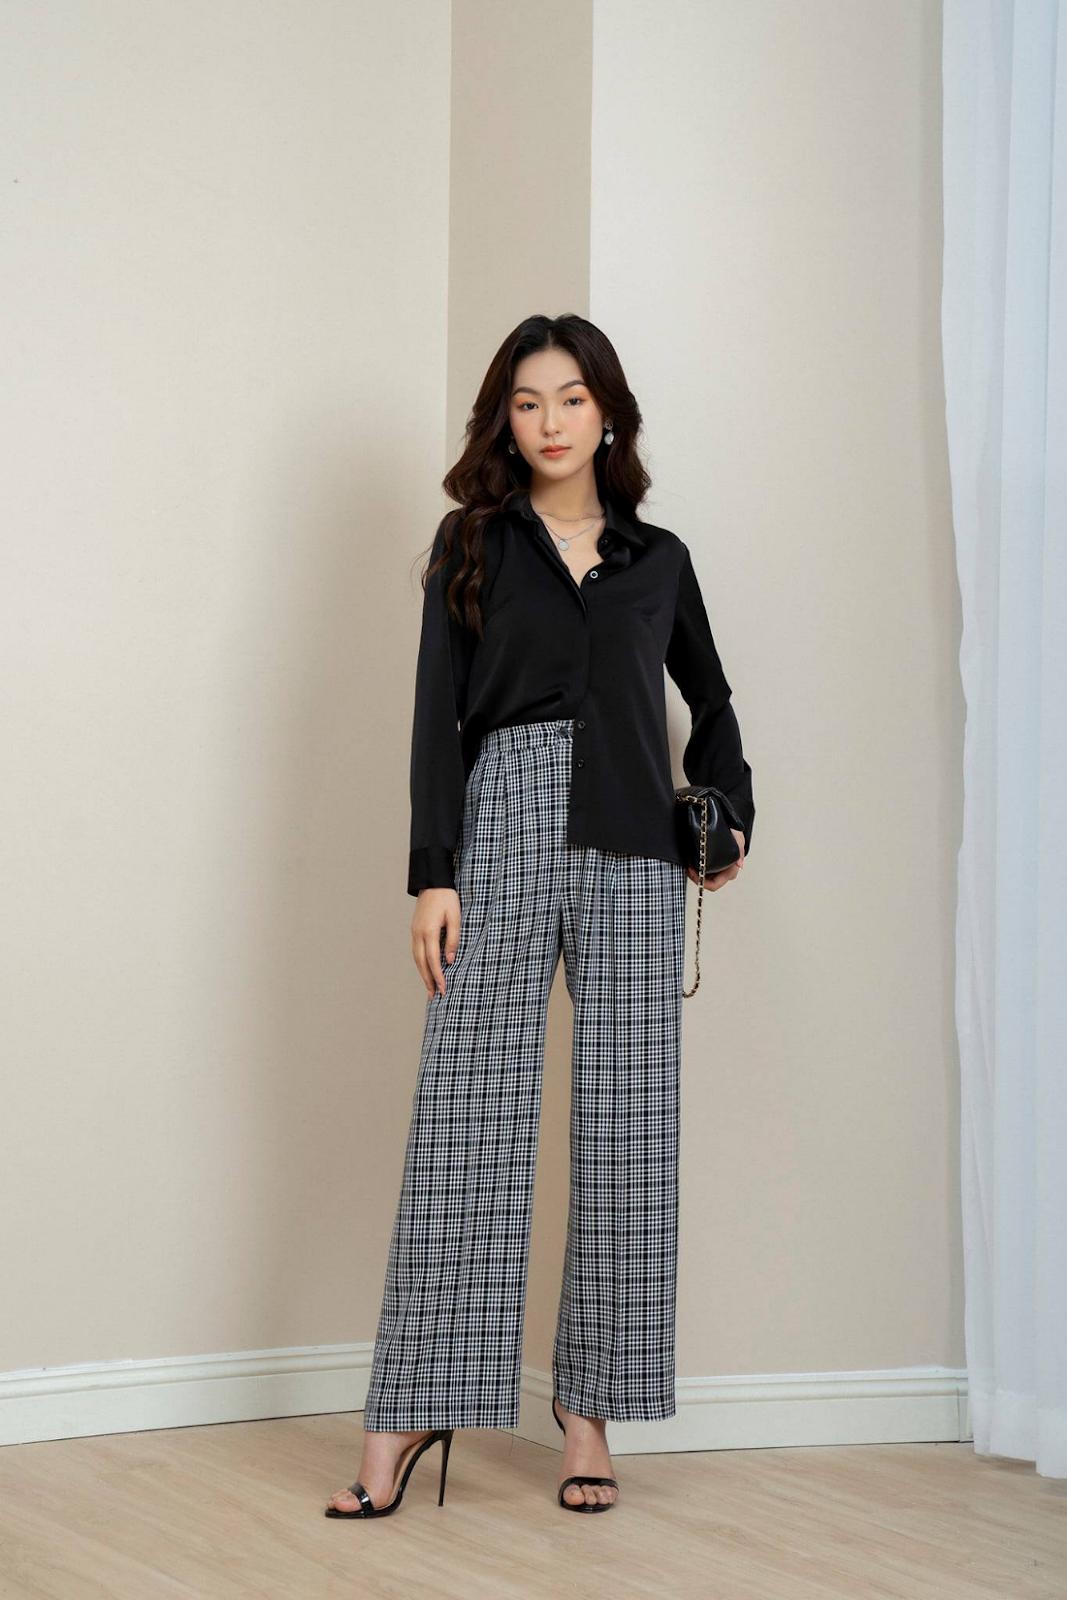 Thời trang May Clothings hướng dẫn chị em cách phối đồ hiệu quả - Ảnh 1